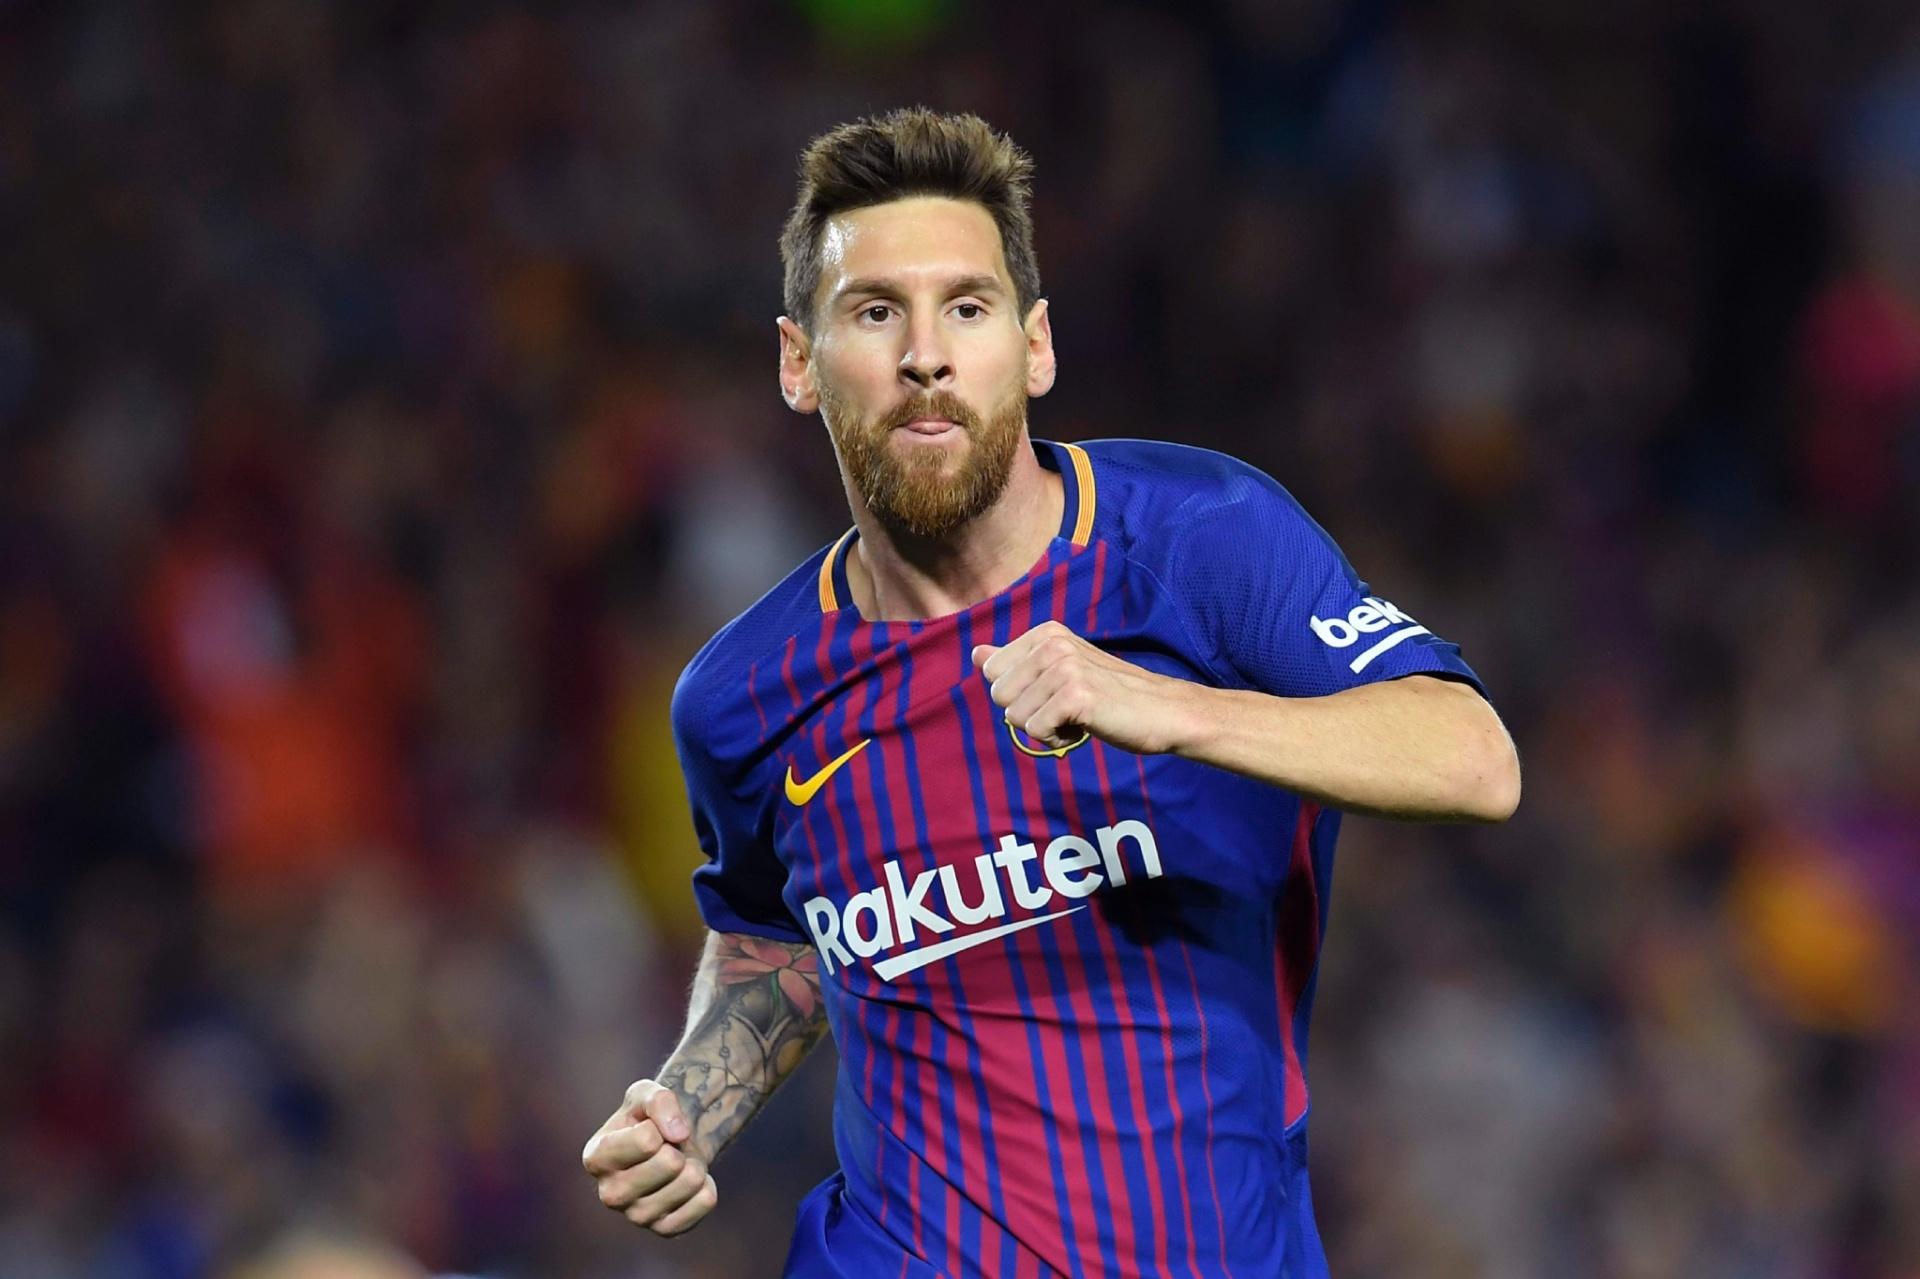 Messi faz três gols e decide clássico com estreia de Dembélé - 09 09 2017 -  UOL Esporte 7b6cbbf2183c8